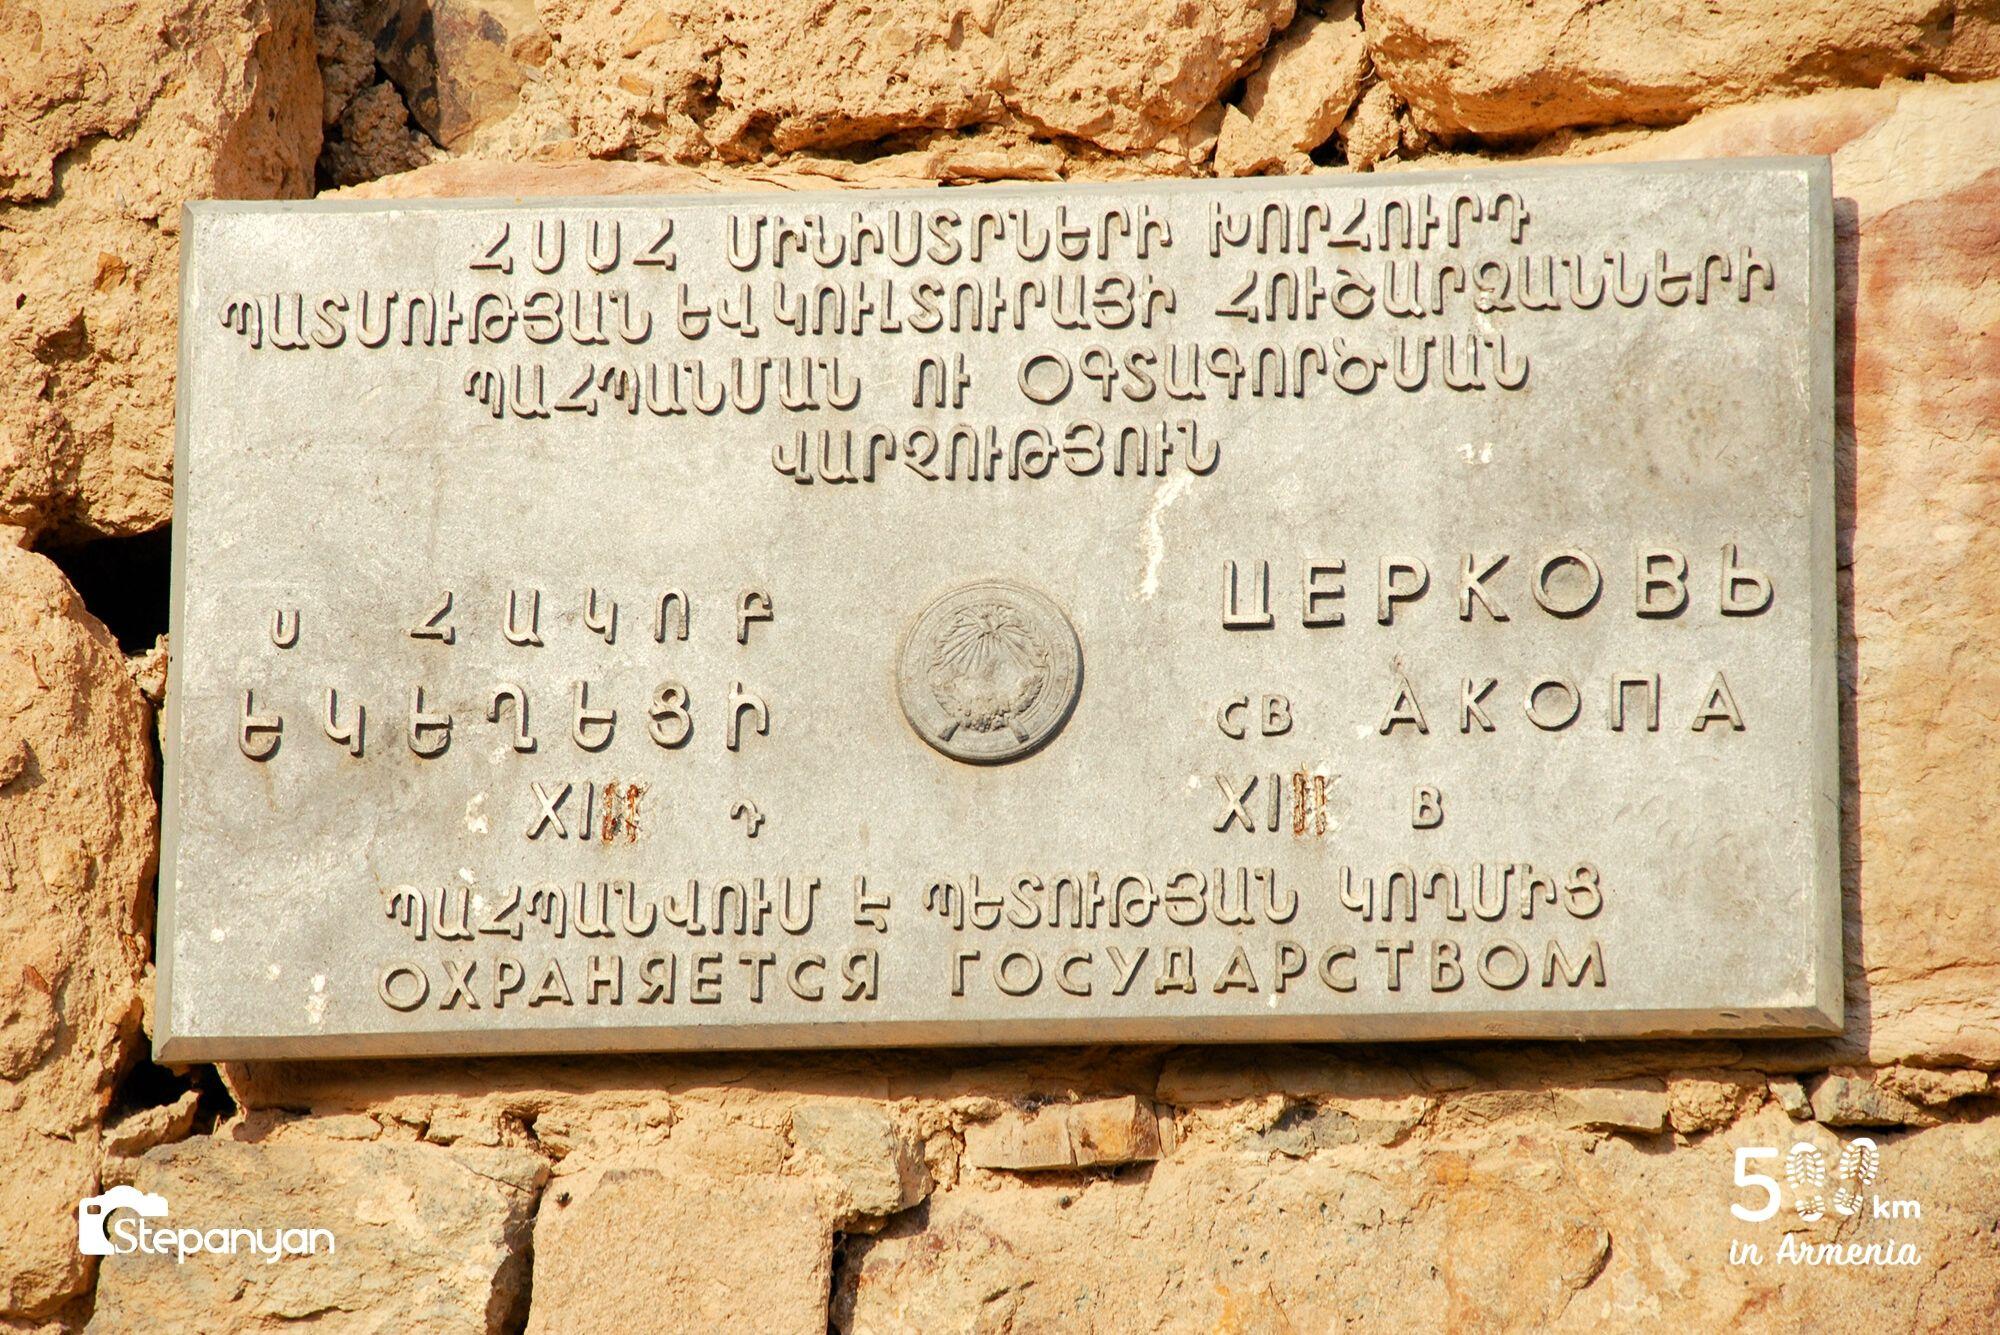 Գլաձոր - 500 կմ Հայաստանում